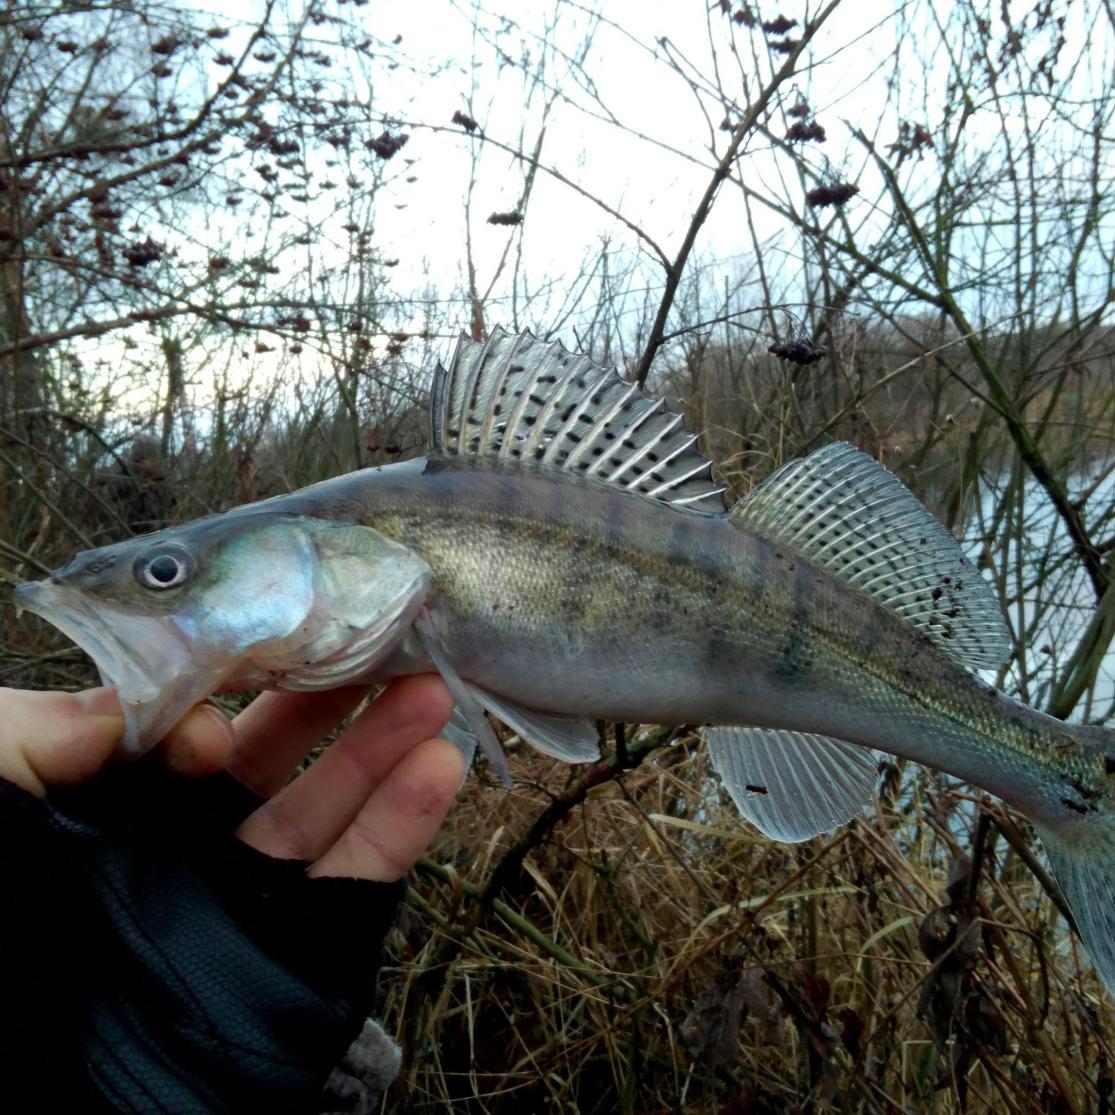 Отчет за два выходных дня,был в Белоозерске,холодный канал,микроджиг ...   Отчеты о рыбалке в Беларуси